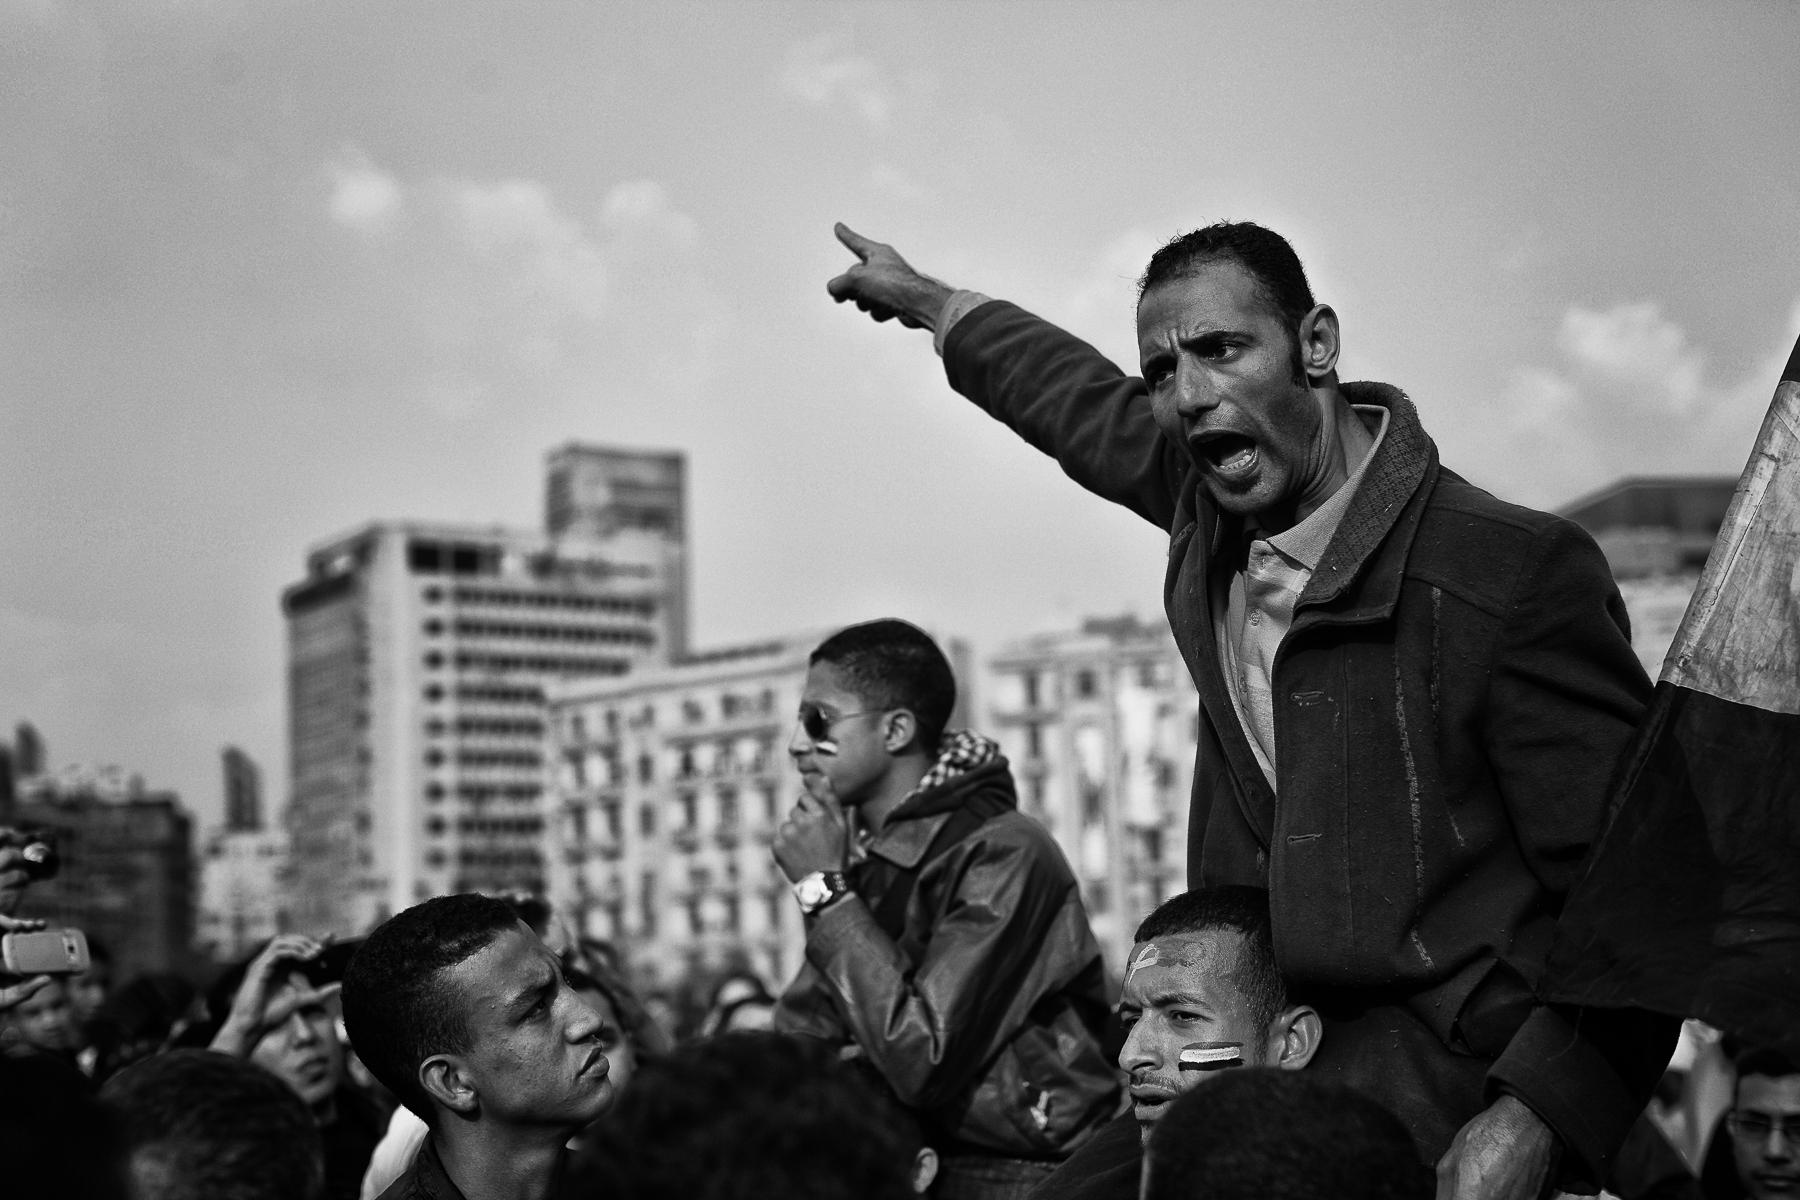 En Egypte , un an après la Révolution qui fit tomber le Président Hosni Moubarak, la rue descent à nouveau dans la rue et Place Tahrir pour demander le départ du Marechal Tantaoui et des mililitaires. Les femmes bien que de plus en plus victimes de harcèlements dans la rue sont pourtant présentes parmis les manifestants.